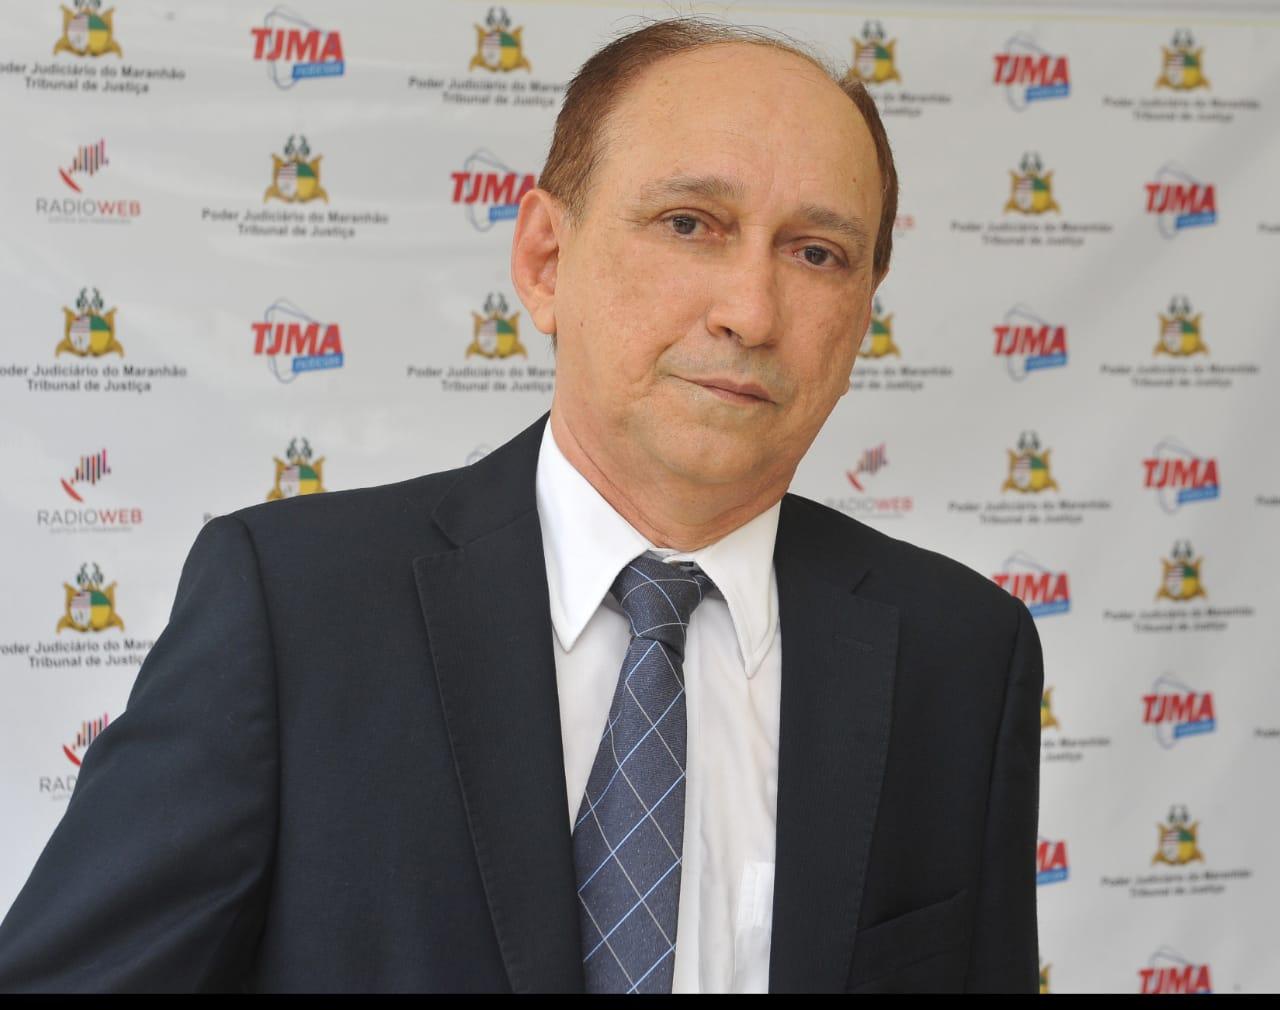 O desembargador Lourival Serejo desejou êxito ao novo procurador-geral de Justiça (Foto: Ribamar Pinheiro)